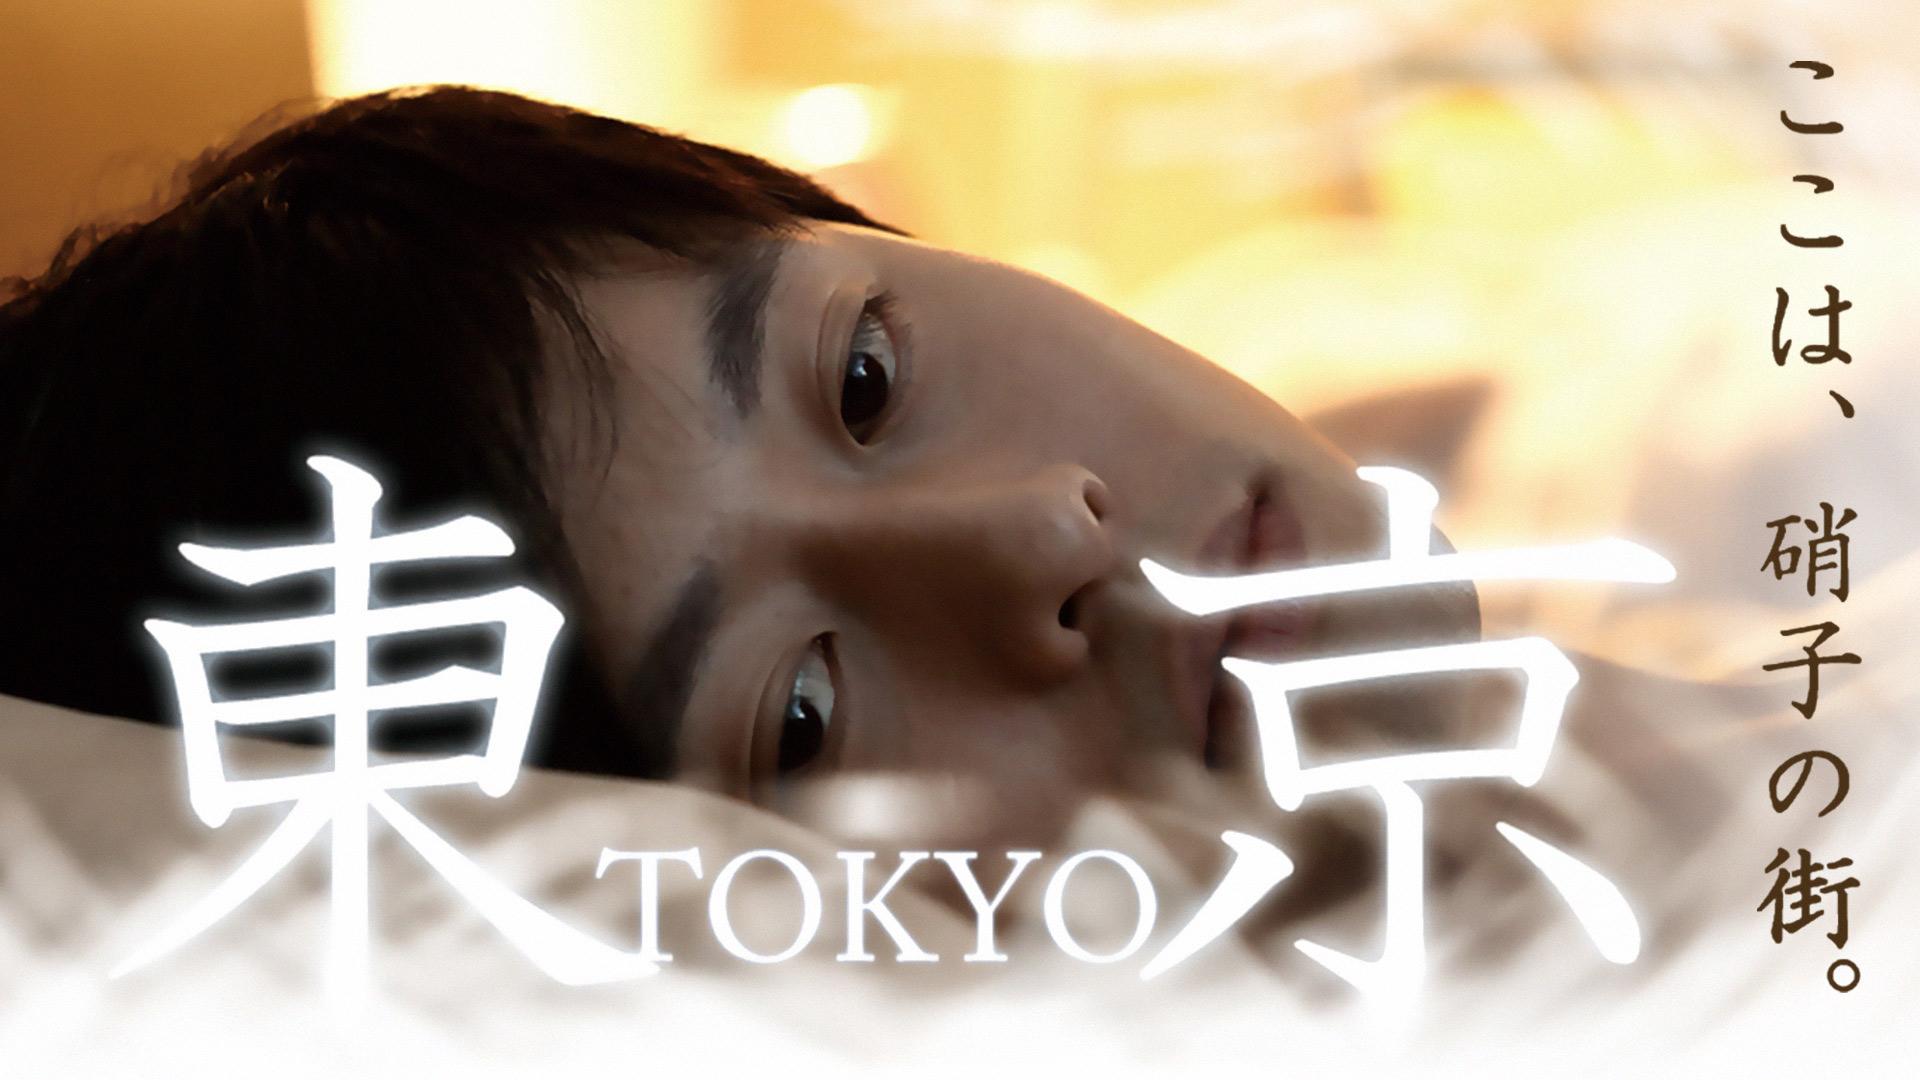 東京~ここは、硝子の街~